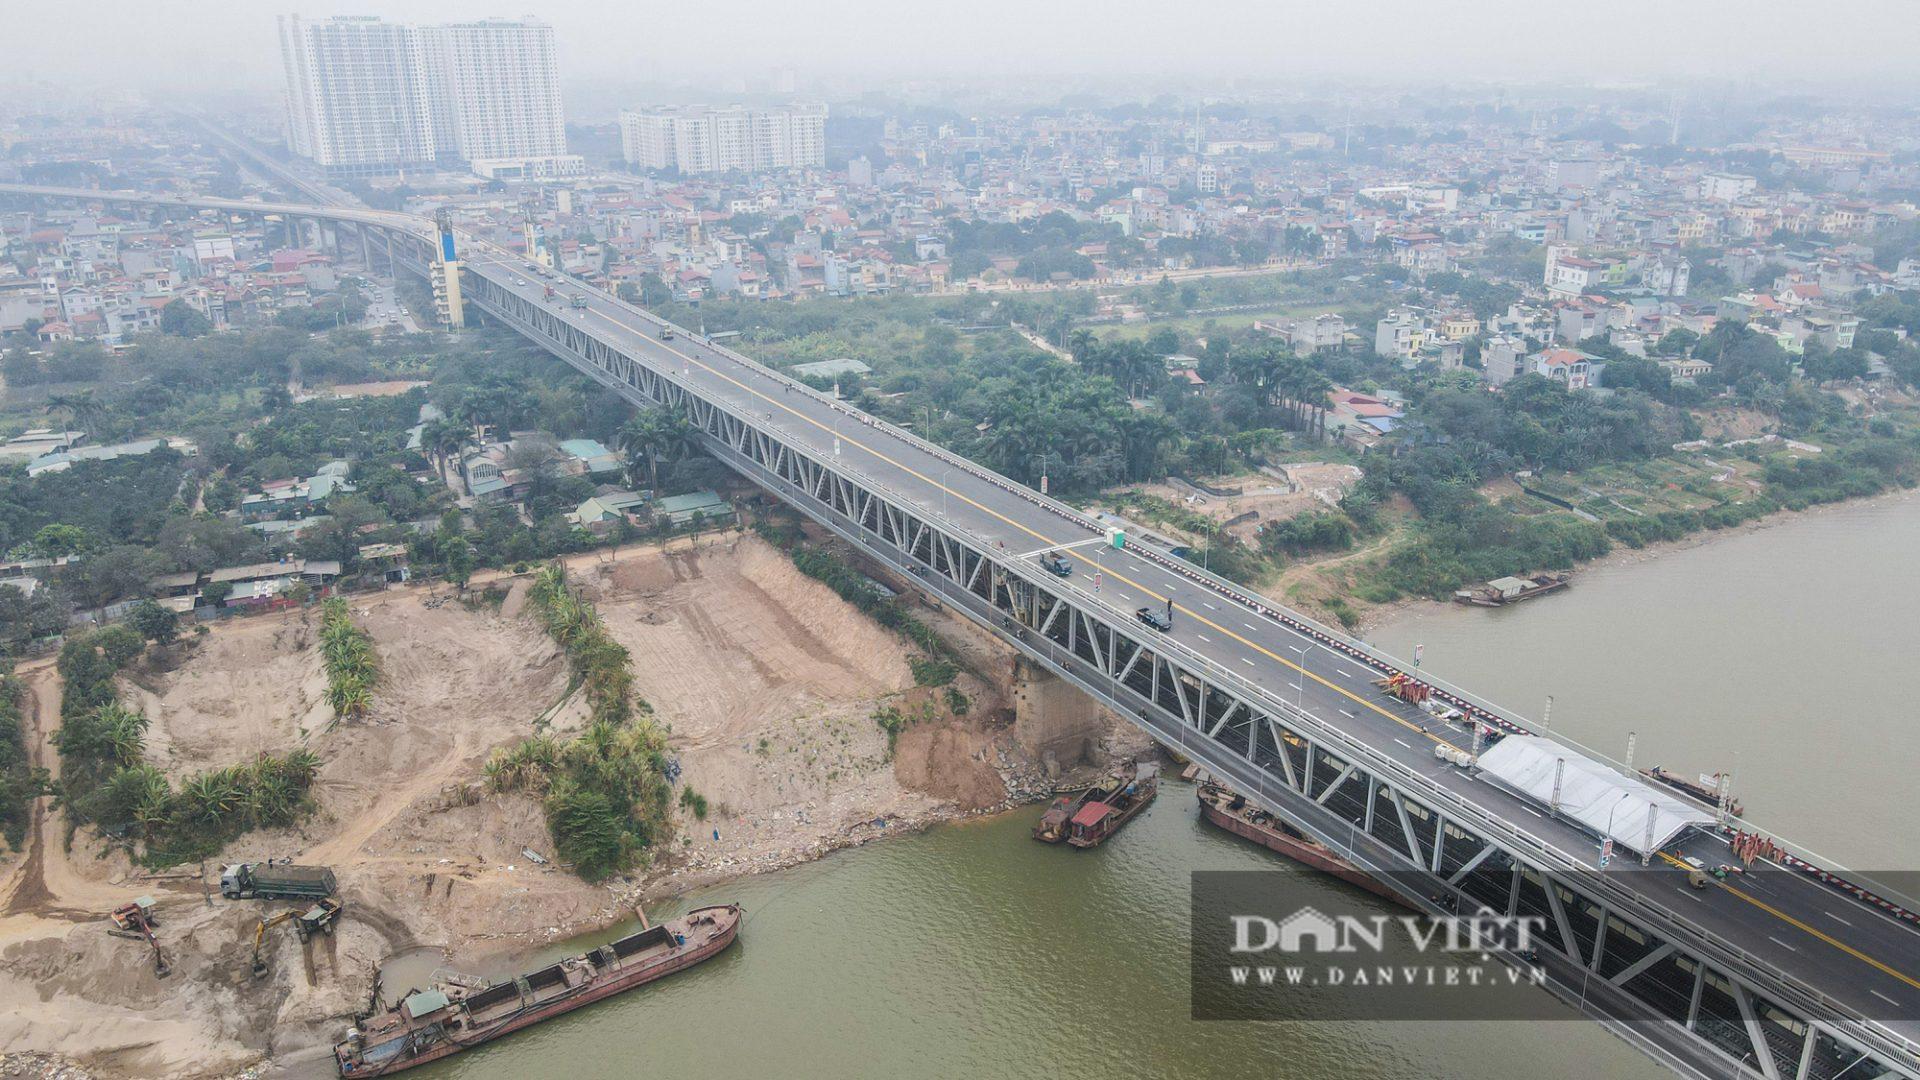 Diện mạo mới toanh của cầu Thăng Long sau 150 ngày sửa chữa - Ảnh 4.